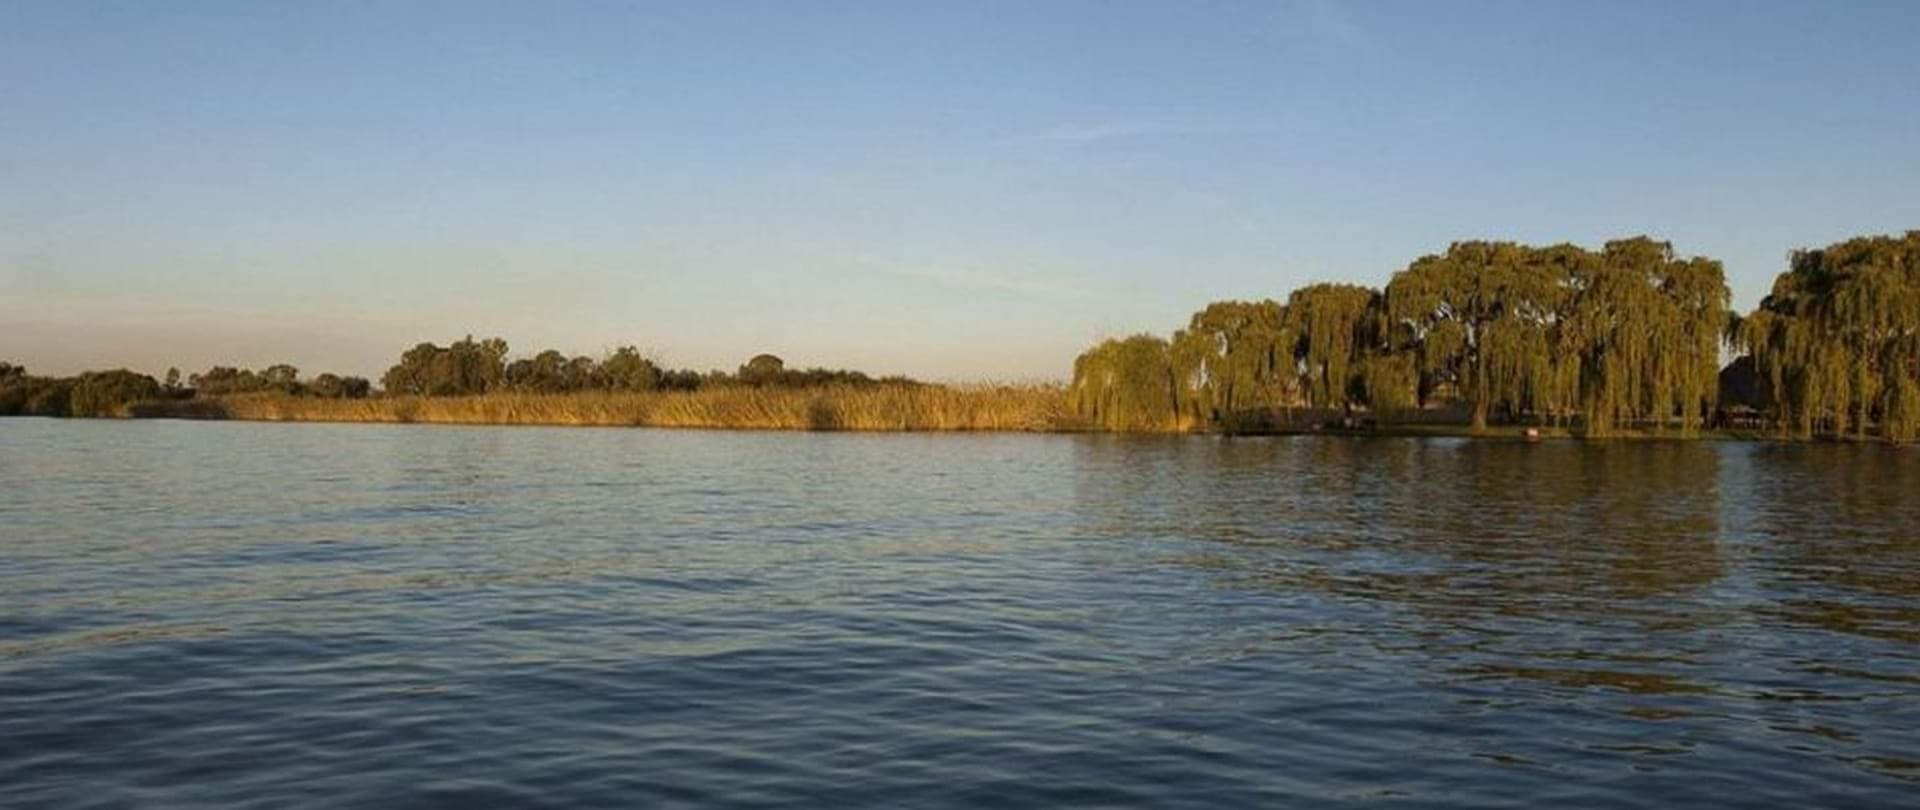 riviere-vaal-cover-afrique-du-sud-decouverte